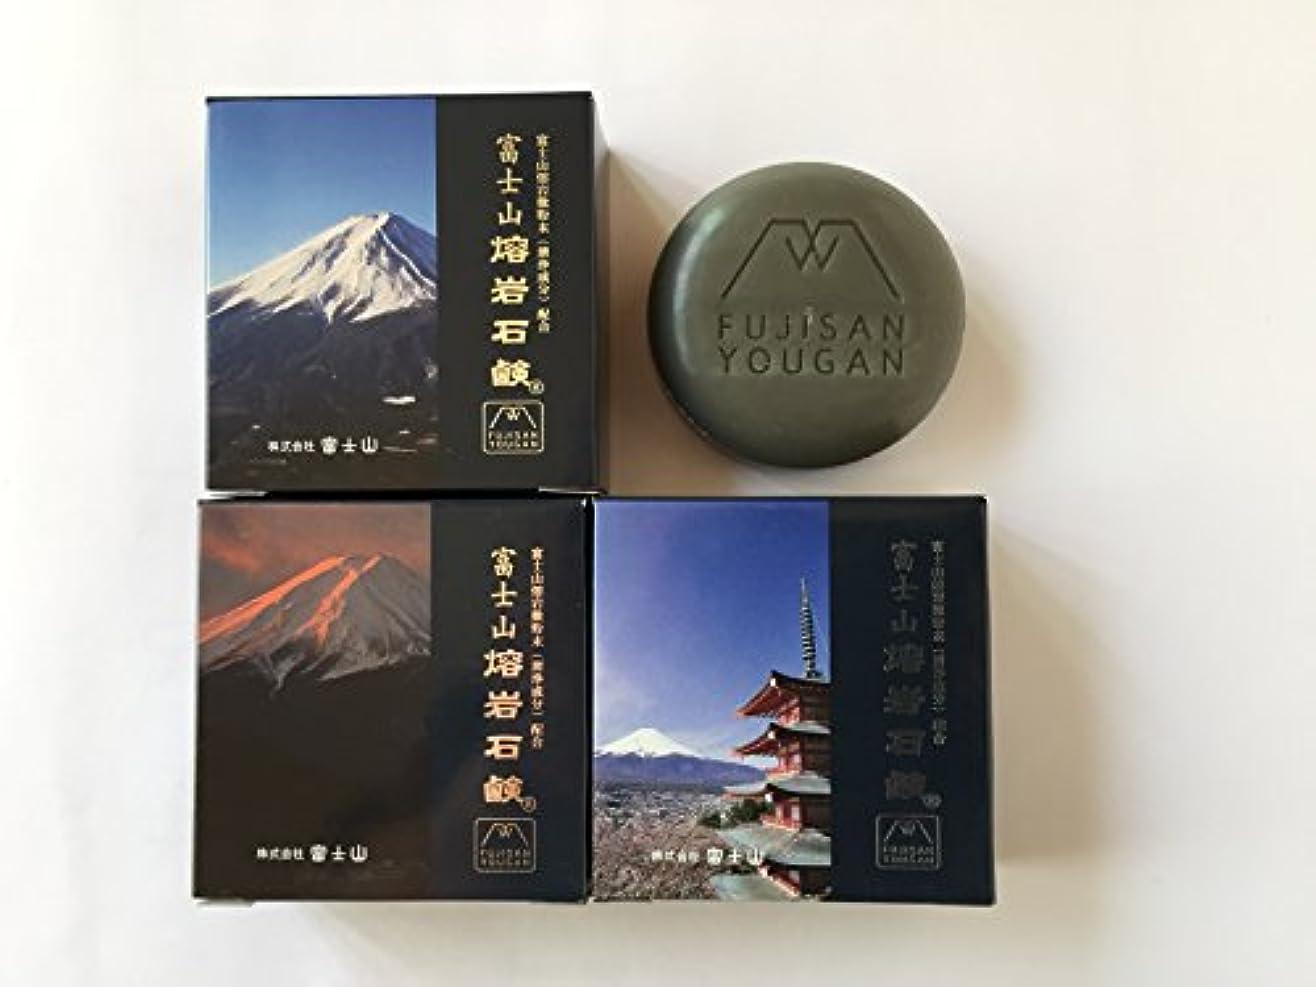 銅窒素現代富士山溶岩石鹸(富士山写真化粧箱入り)お得用50g/個3種セット×2組(6個)